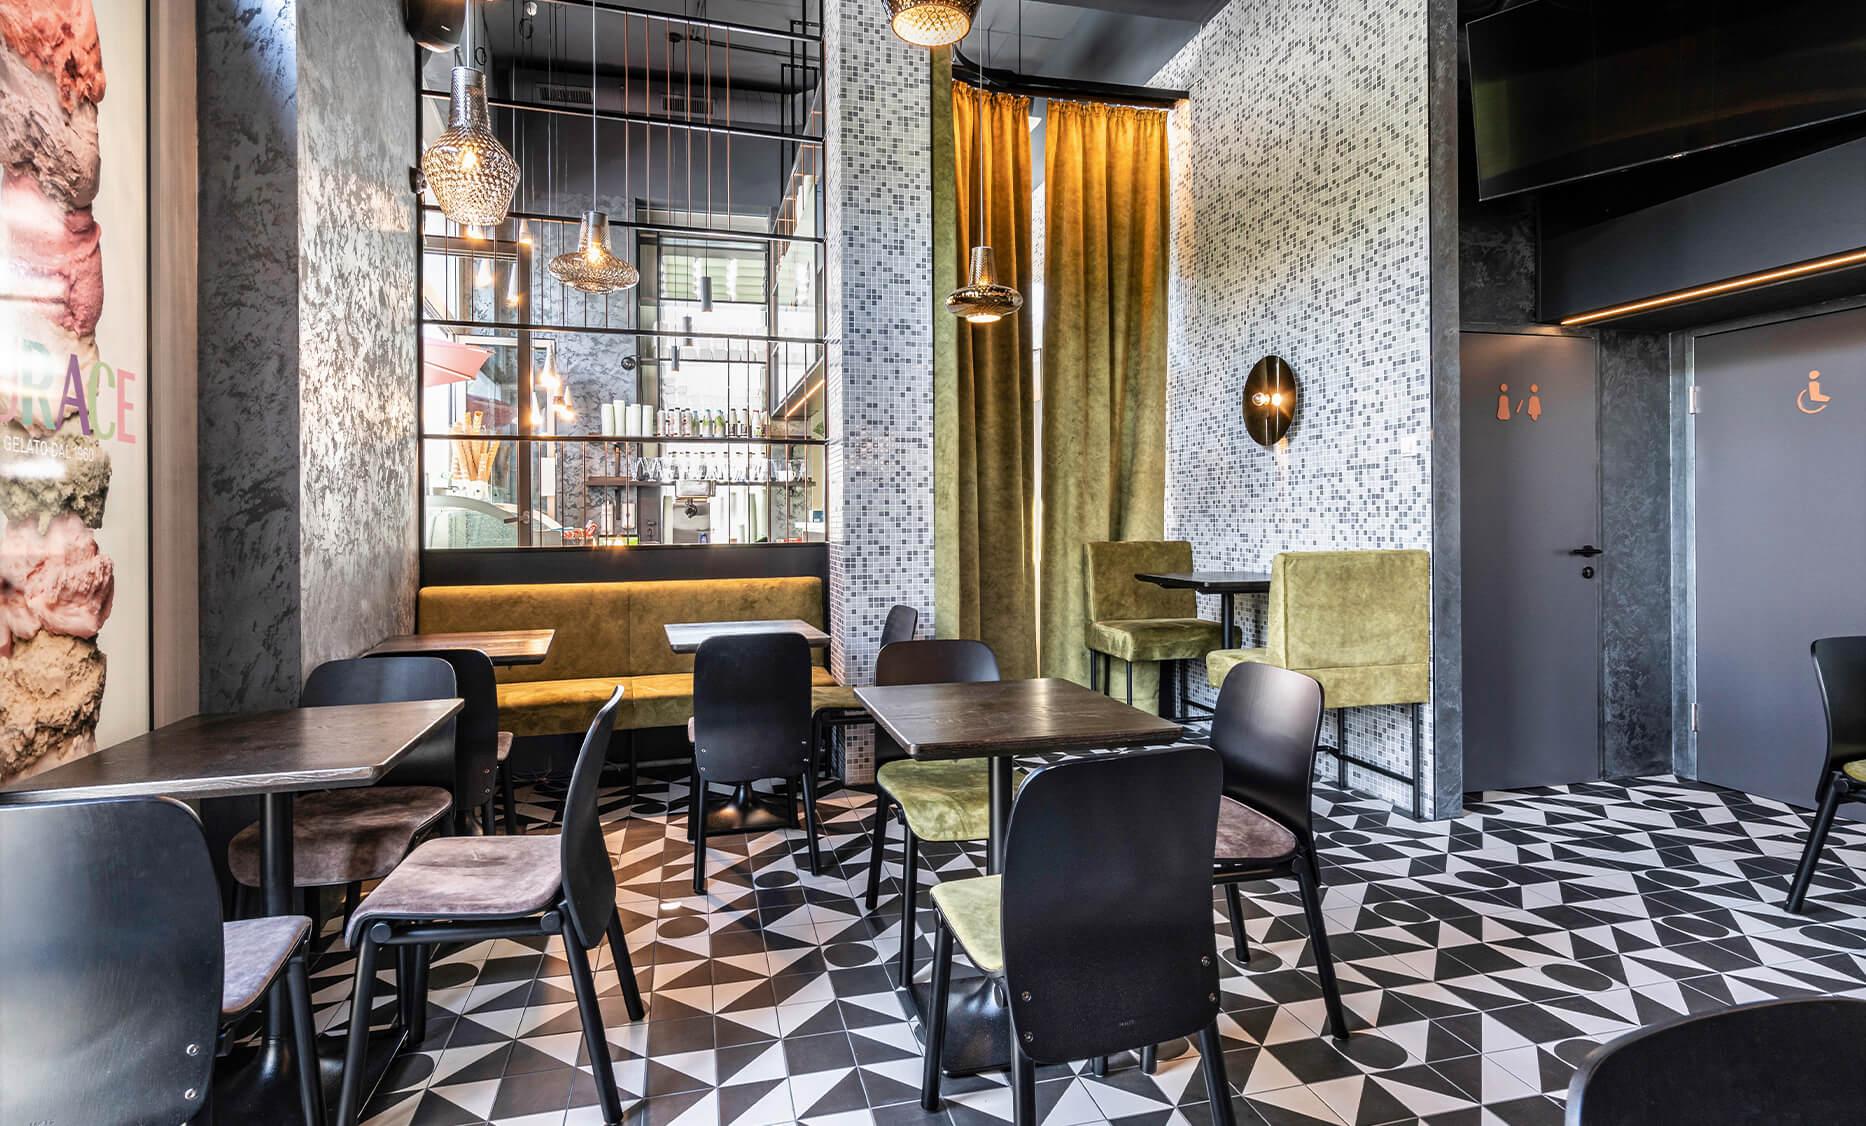 Hinterer Sitzbereich des Cafe Bar La Ruffa Lokales in Linz-Oed mit Vorhängen, bunten Fliesen und Masssivholztischen von der id Werkstatt aus Vorchdorf